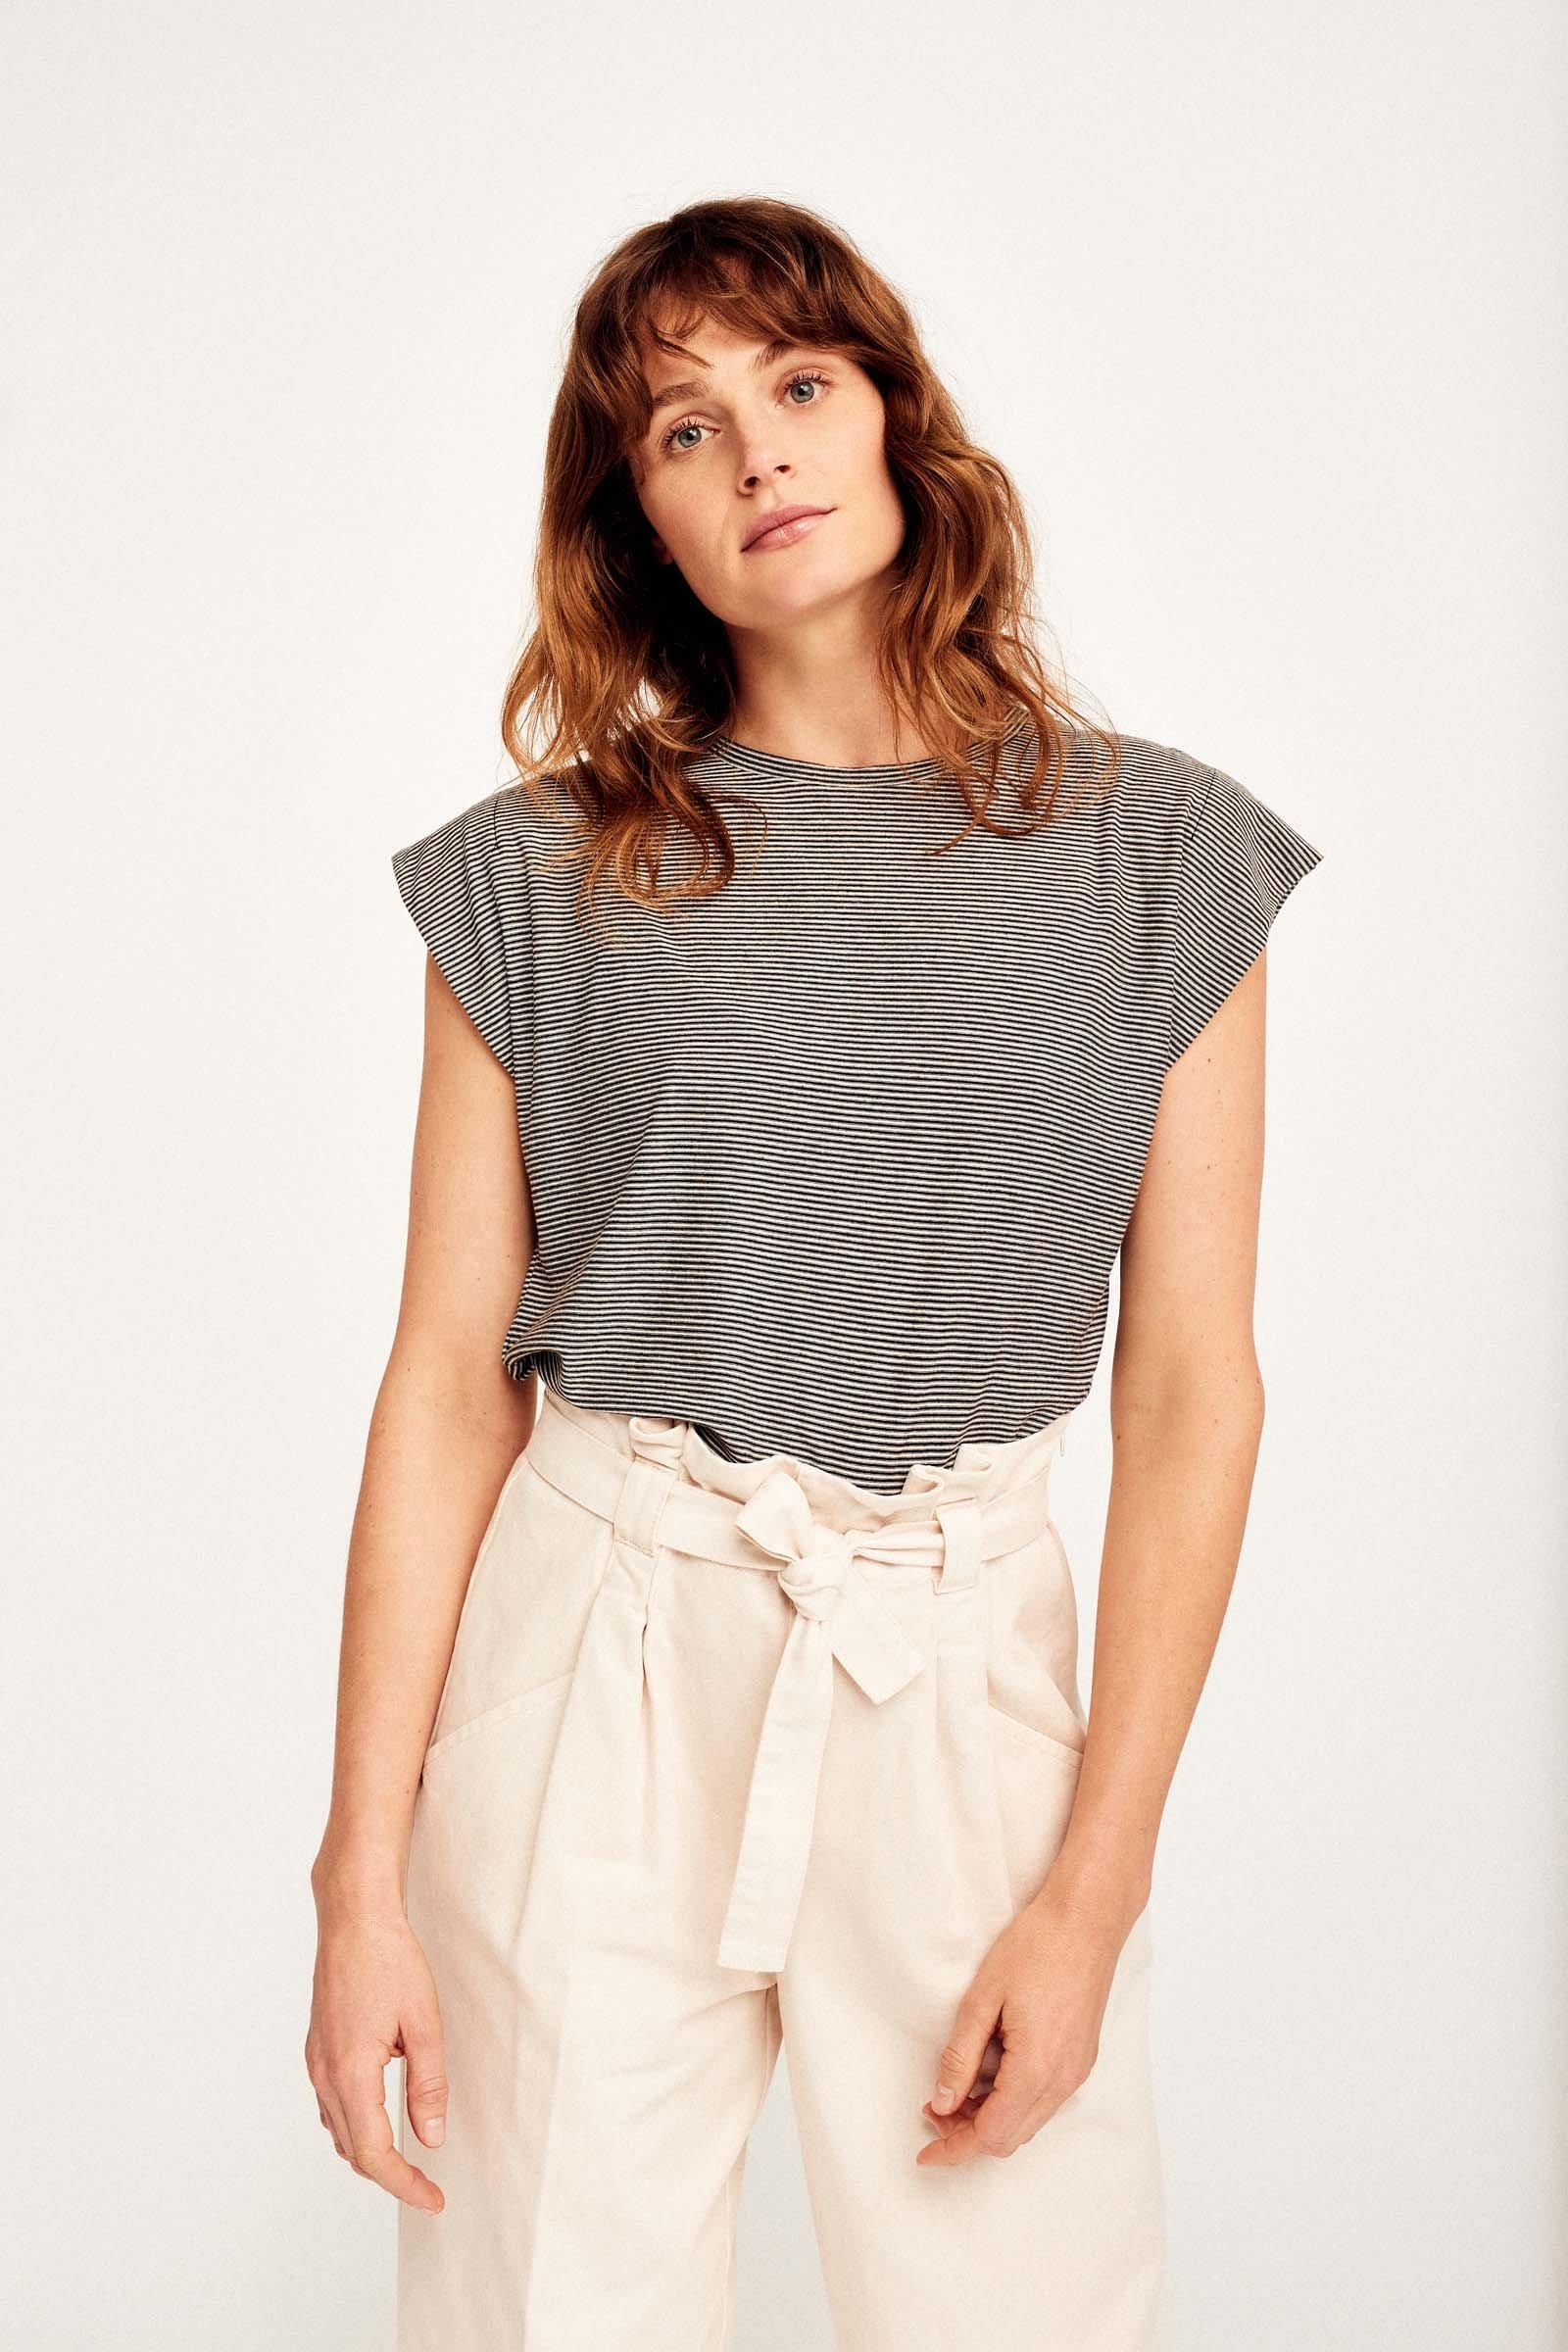 CKS Dames - PAMINA - t-shirt korte mouwen - meerkleurig